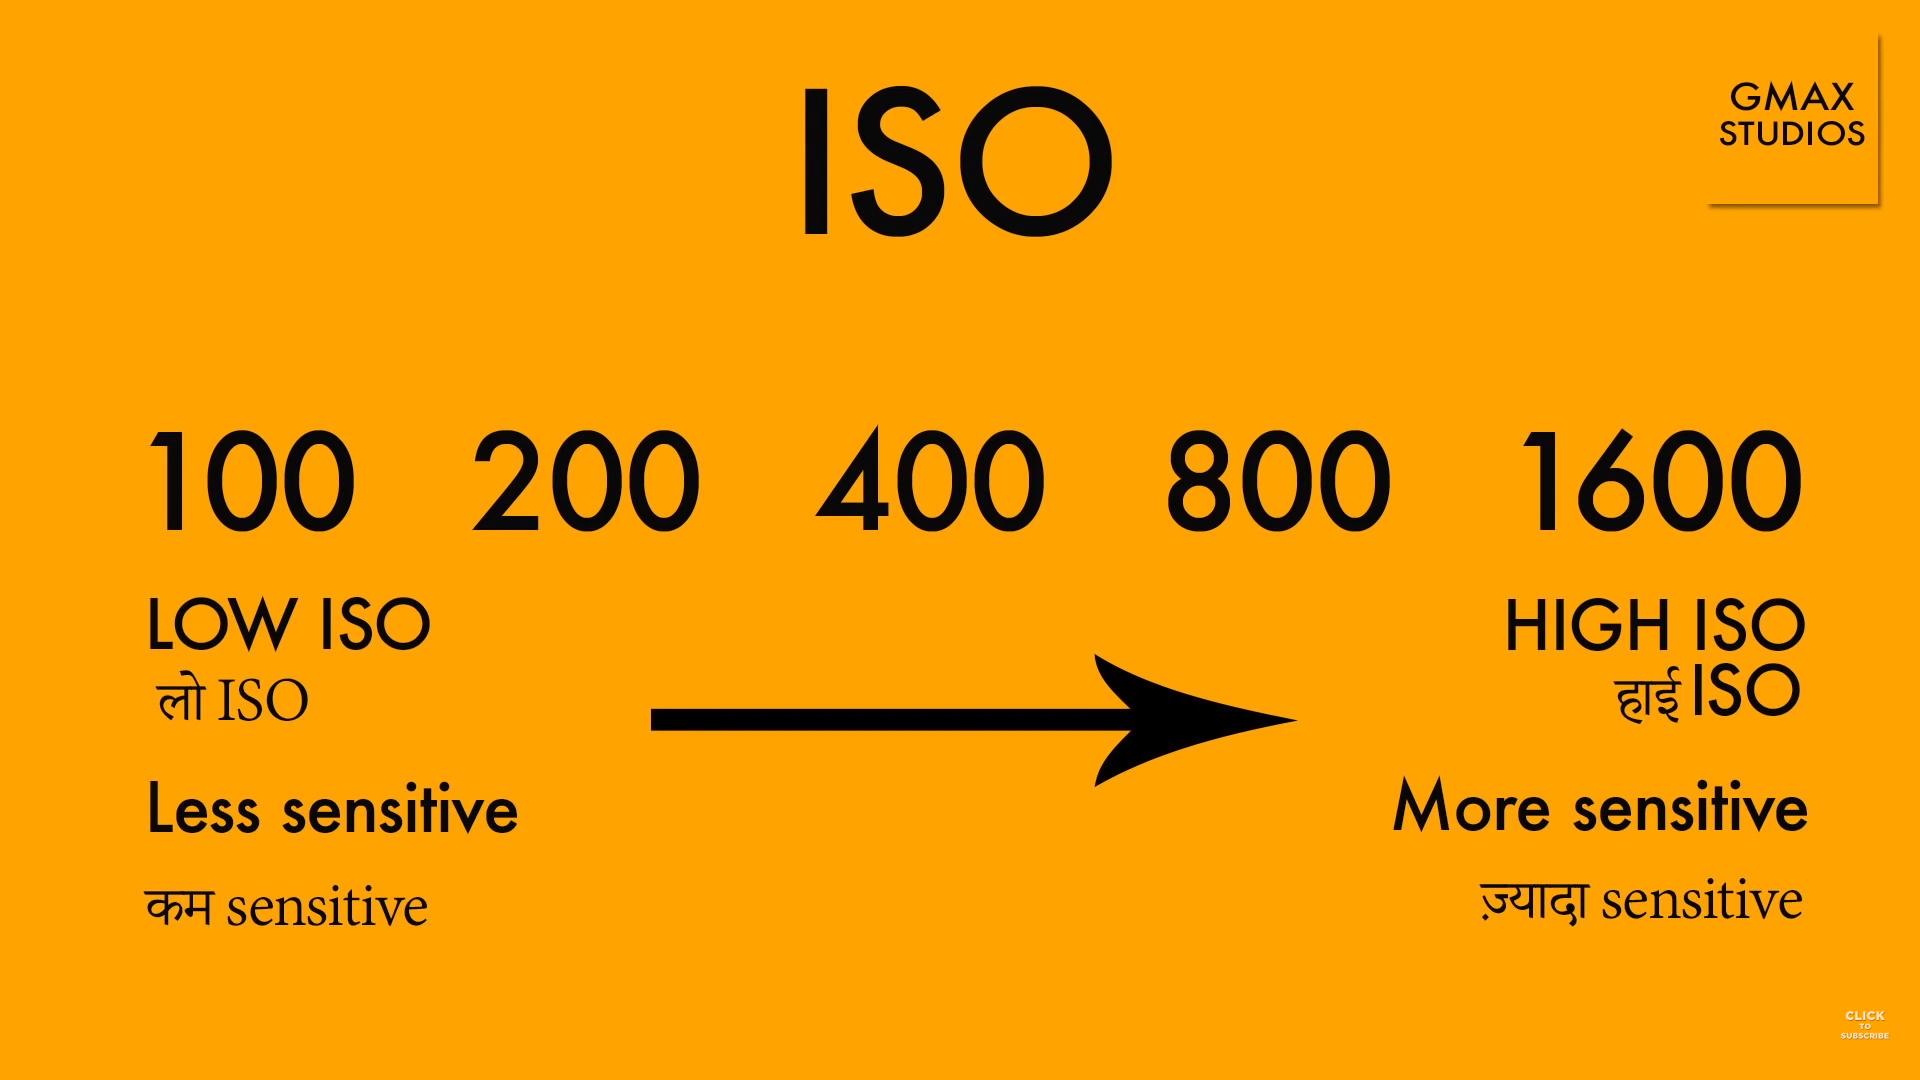 ISO नंबर जितना ज़्यादा ऊंचा होगा, कैमरा लाइट के प्रति उतना ही सेंसिटिव हो जायेगा |  ध्यान रहे, ISO को ज़्यादा बढ़ाने से, तस्वीर की क्वालिटी बिगड़ सकती है |